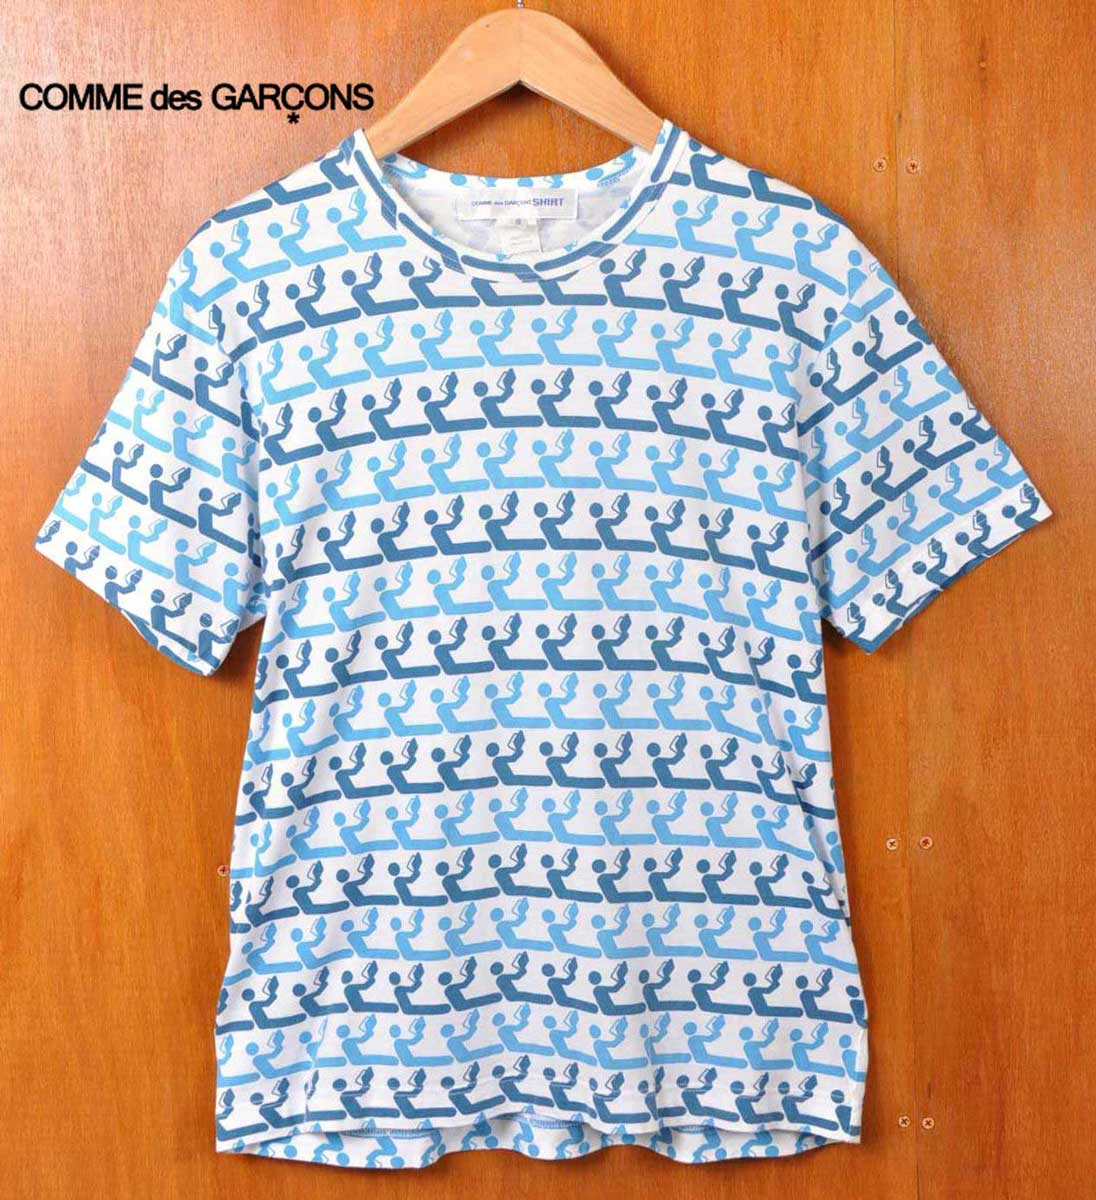 土耳其制造/COMME des GARCONS SHIRT com·德·姑娘损失衬衫/短袖T恤/白×蓝色派阅读花纹总花纹/人S▽